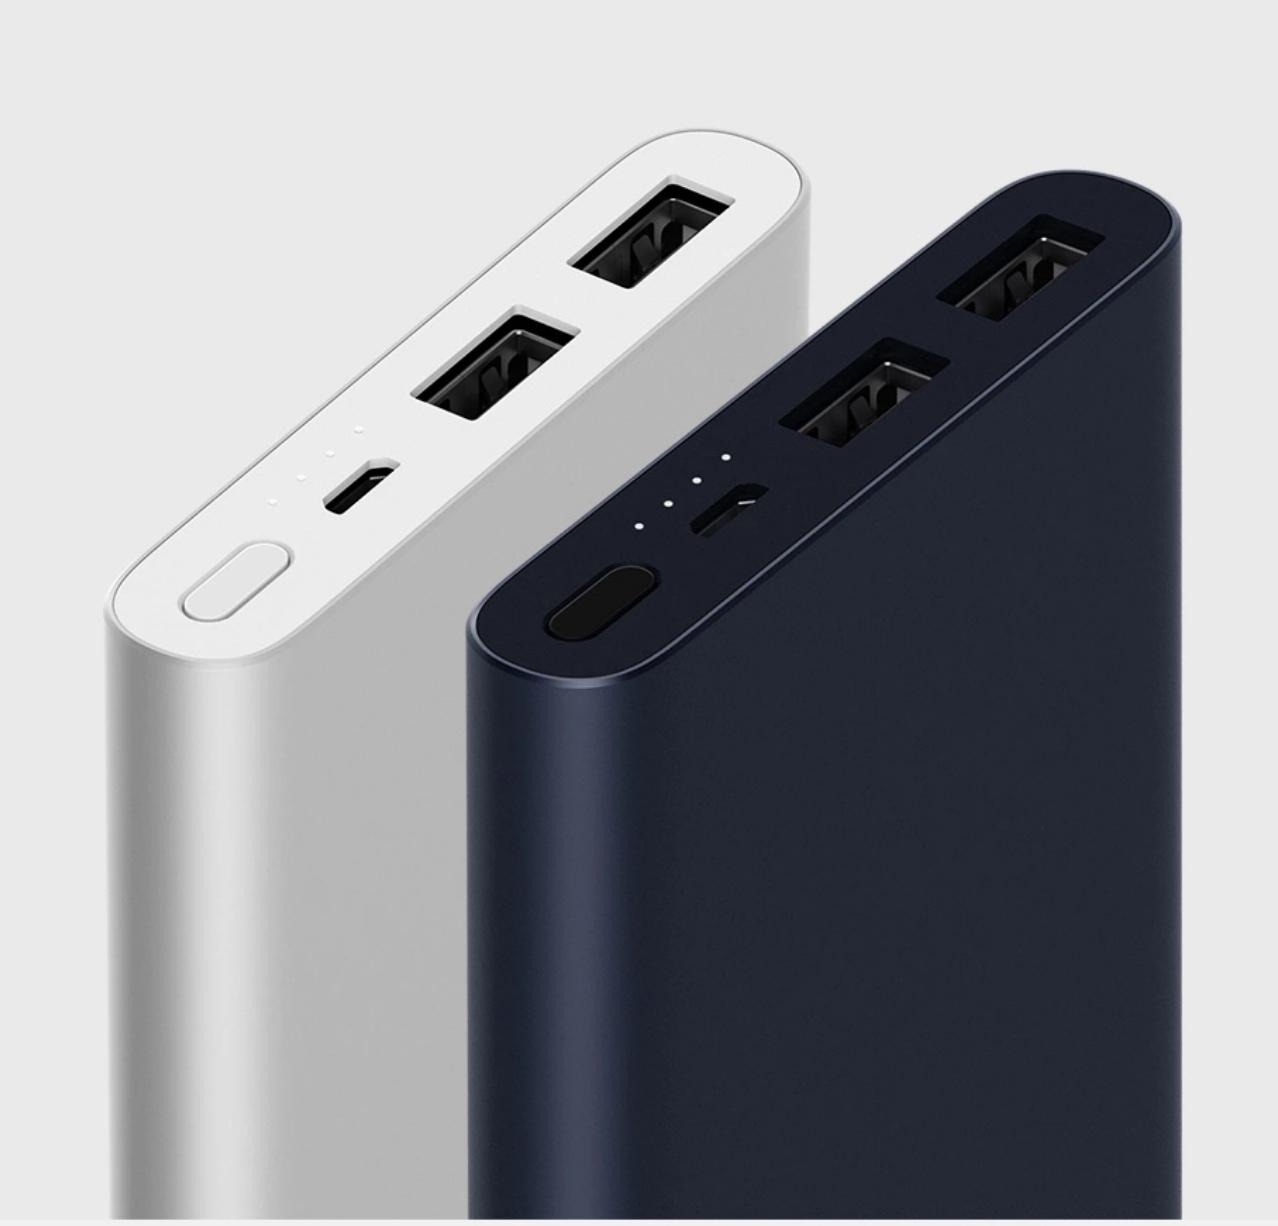 Mi powerbank 2s de Xiaomi a 9,99€ tienda xiaomi oficial